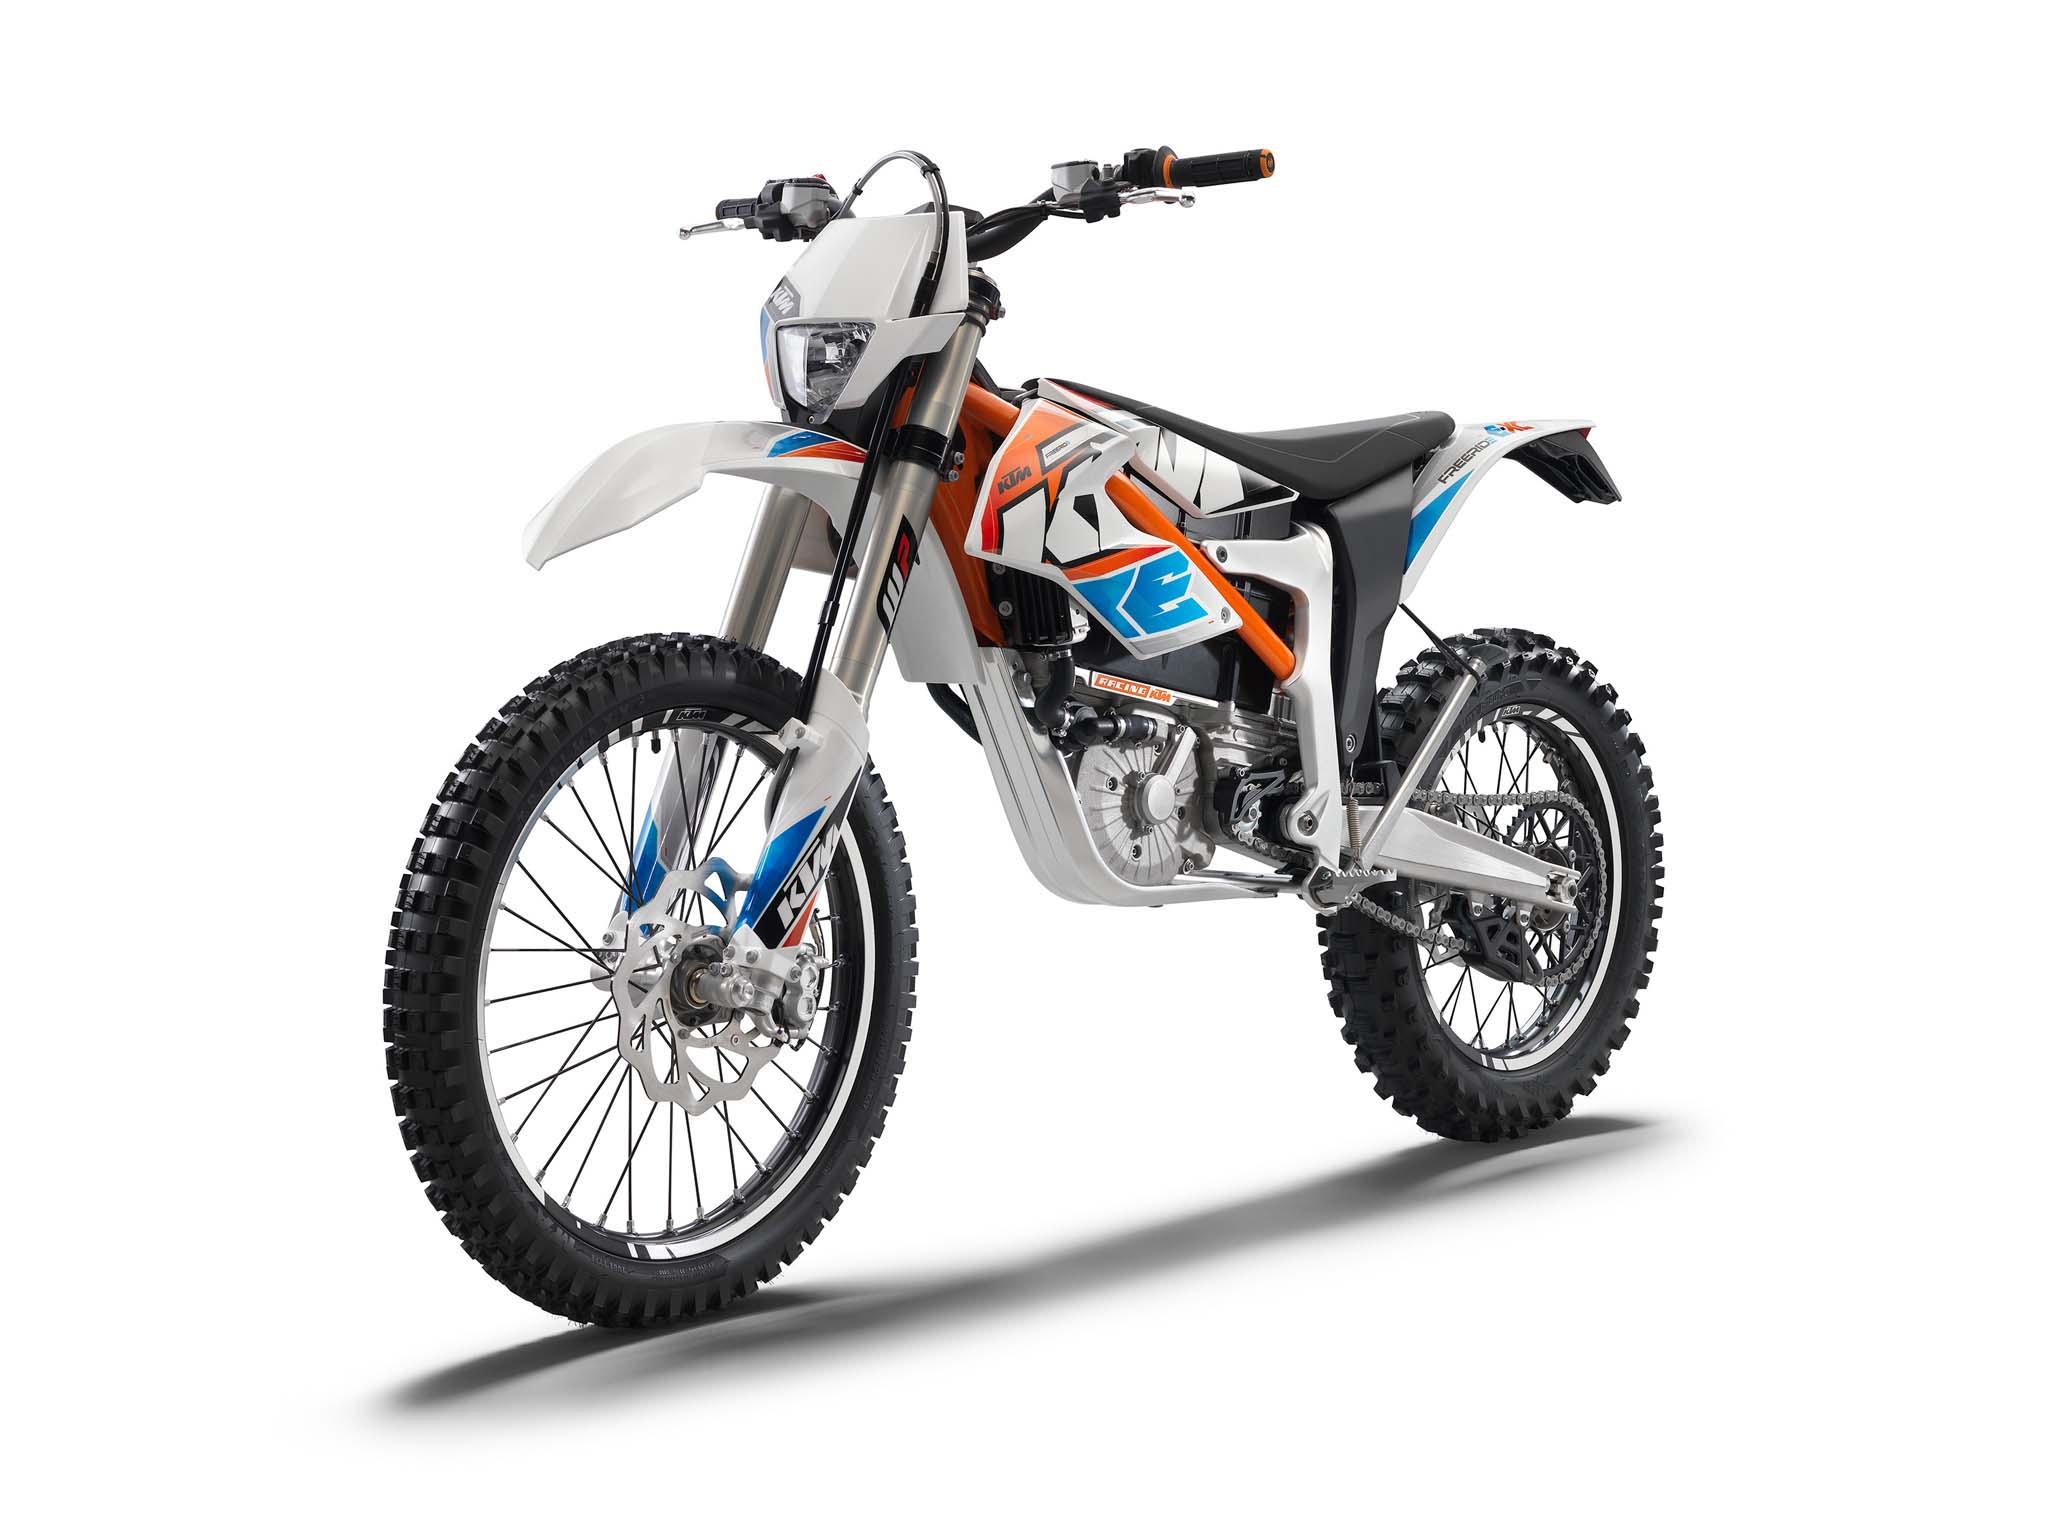 KTM-Freeride-E-electric-dirtbike-E-SX-E-XC-05